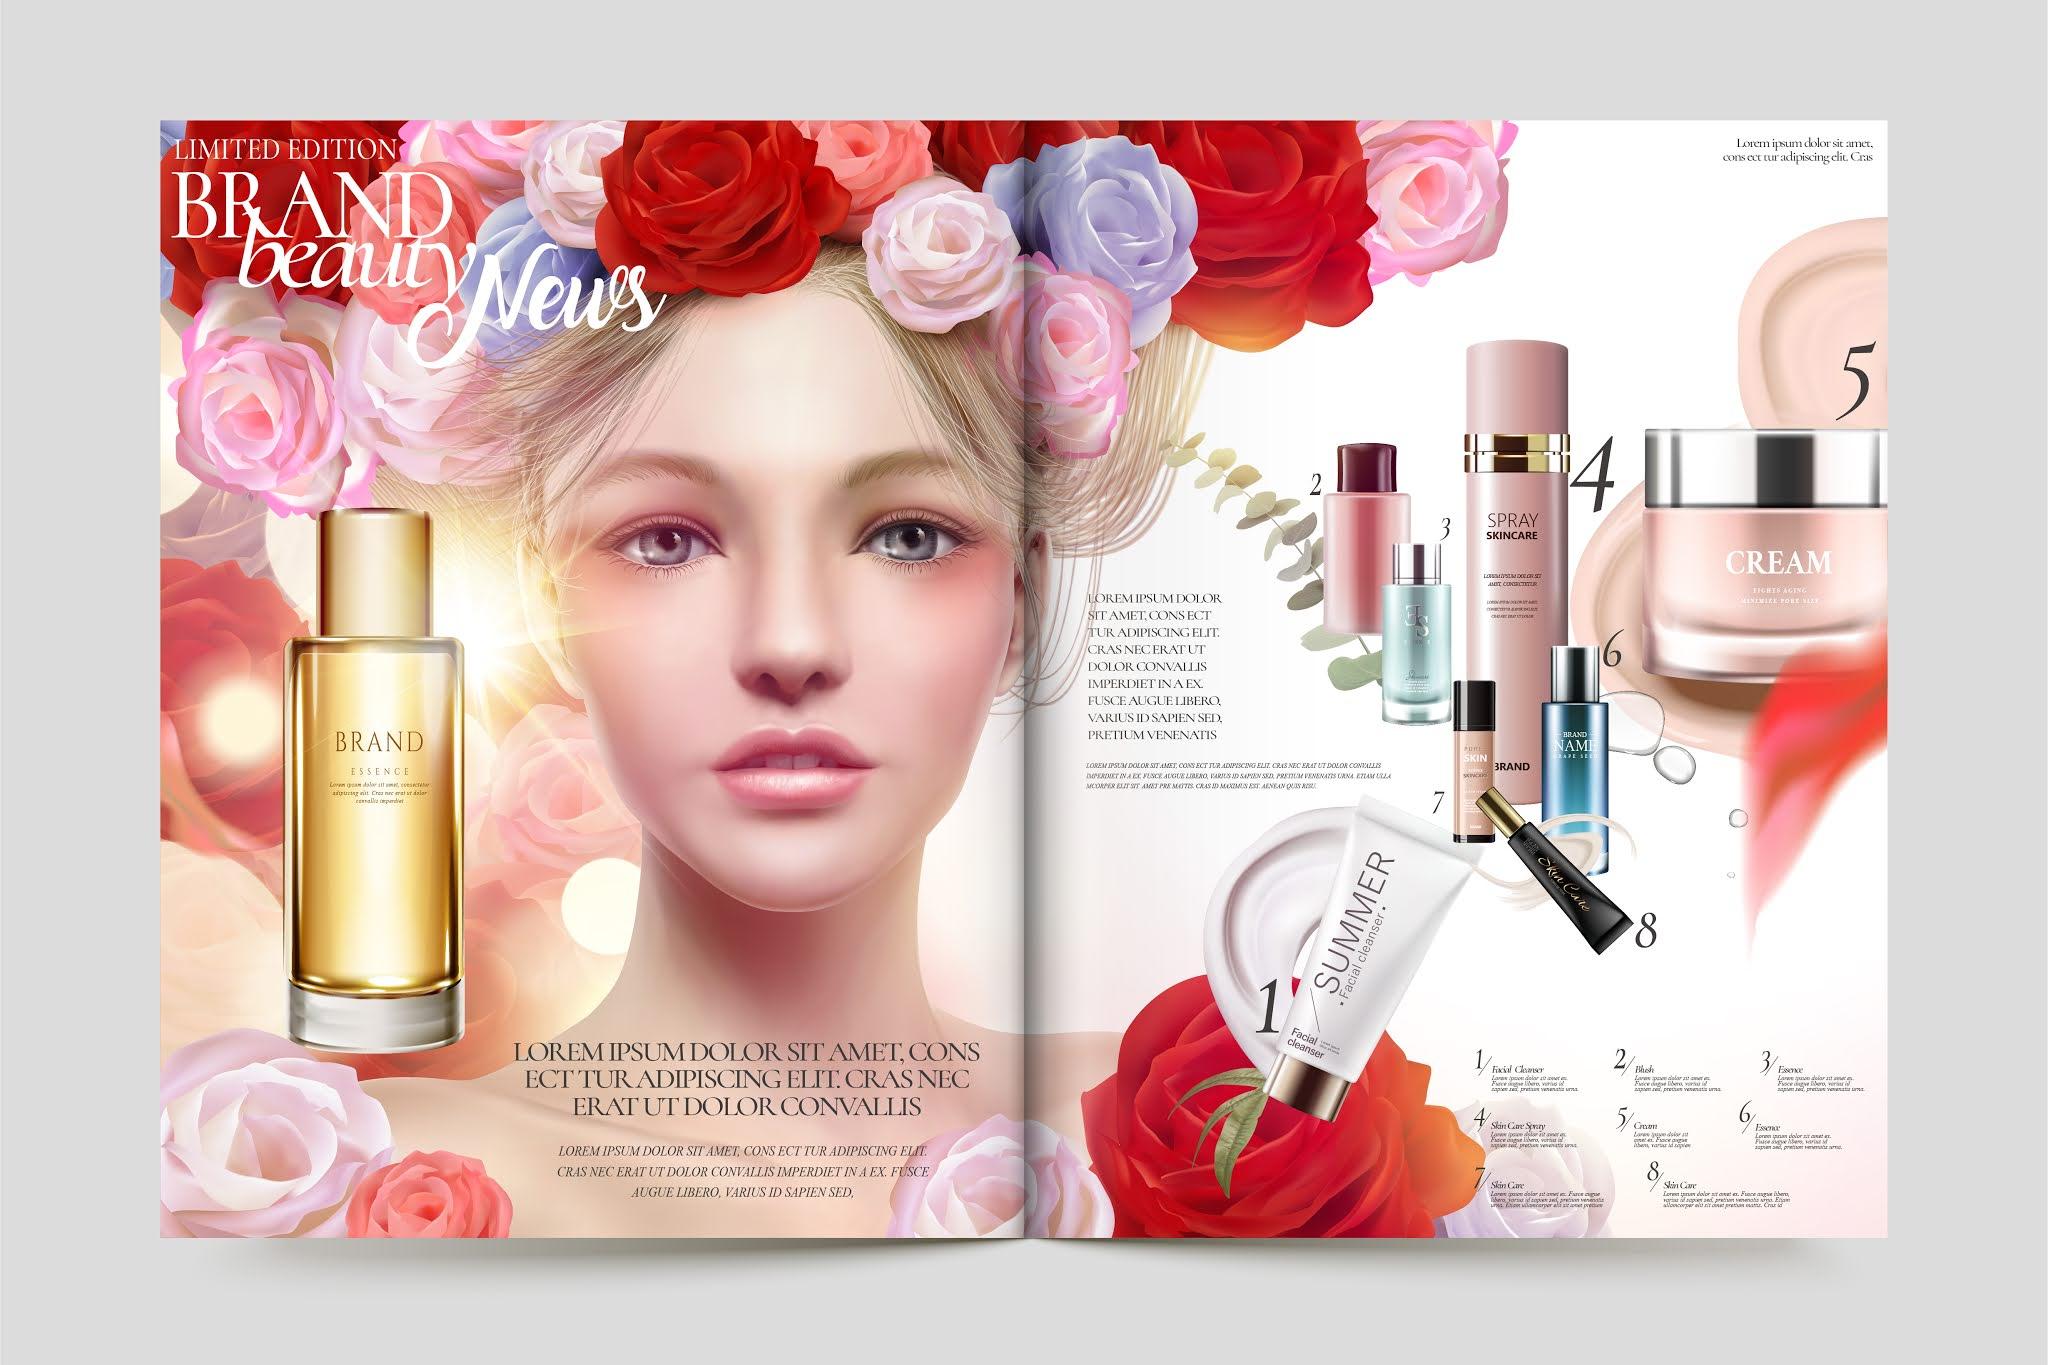 تحميل تصميم مجلة خاصة بمنتجات التجميل بصيغة فيكتور وايضا تستطيع تحولها ملف فوتوشوب